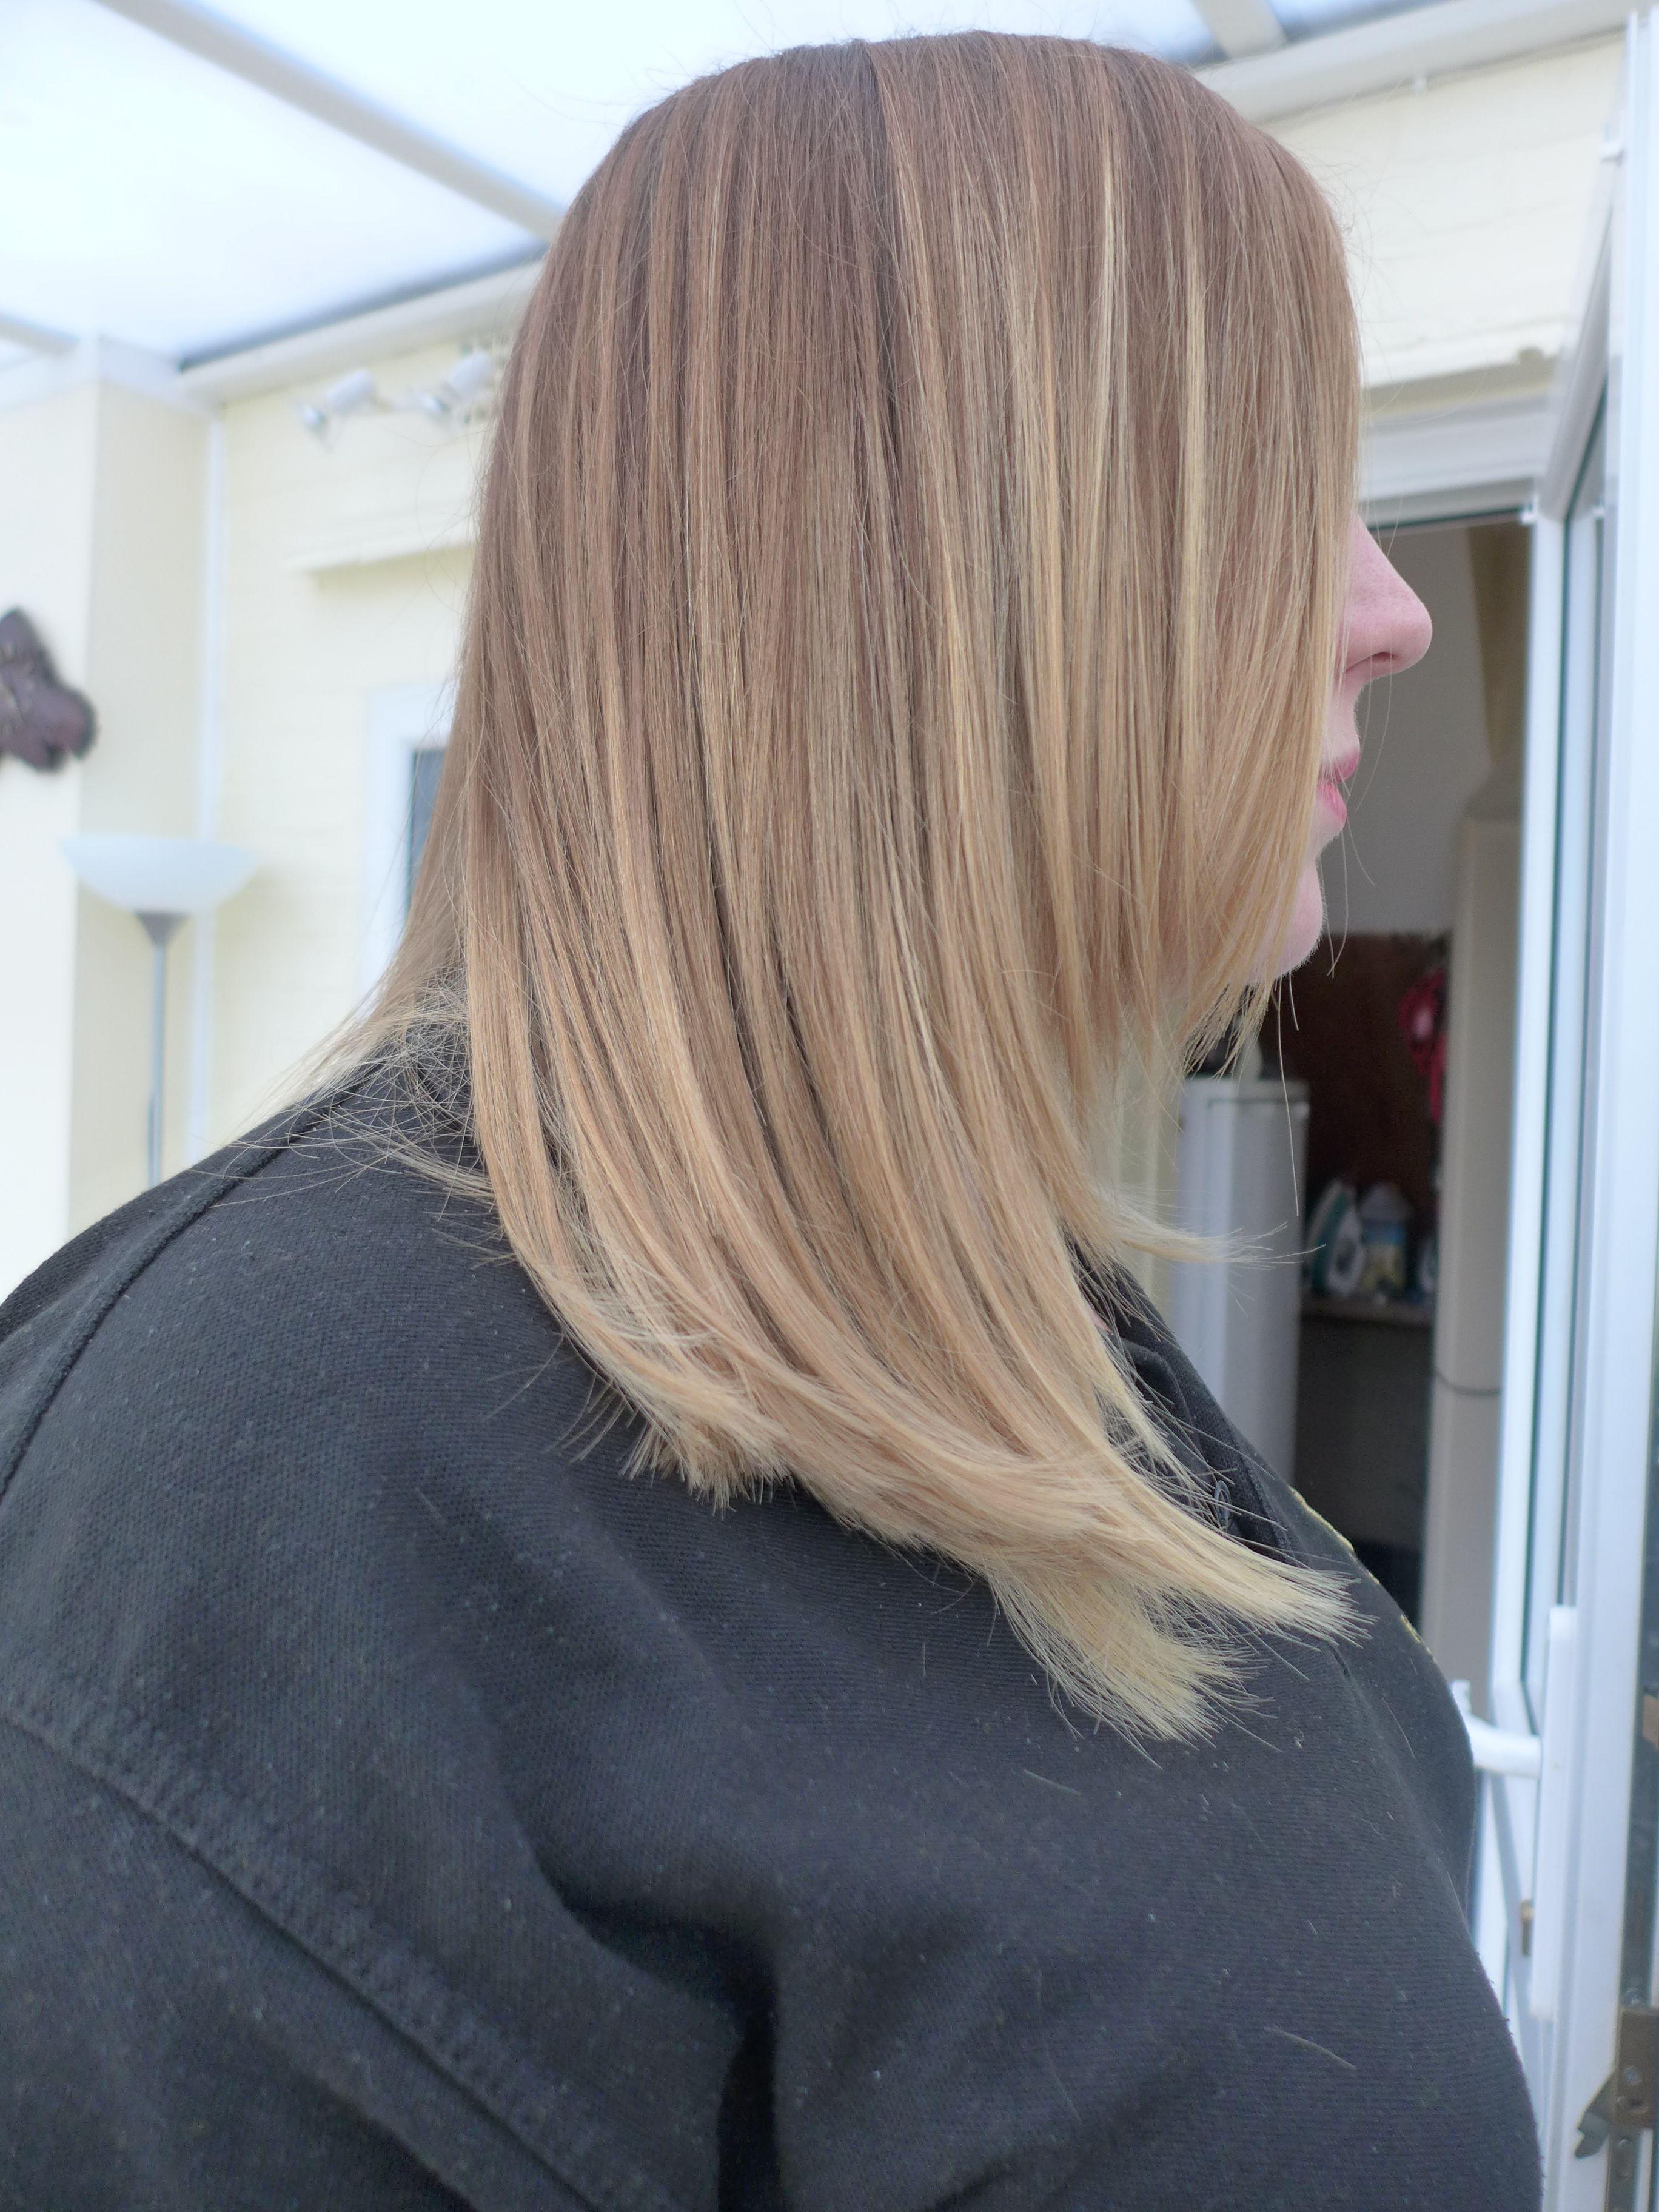 Medium length ombre hair styles straight hair hair styles